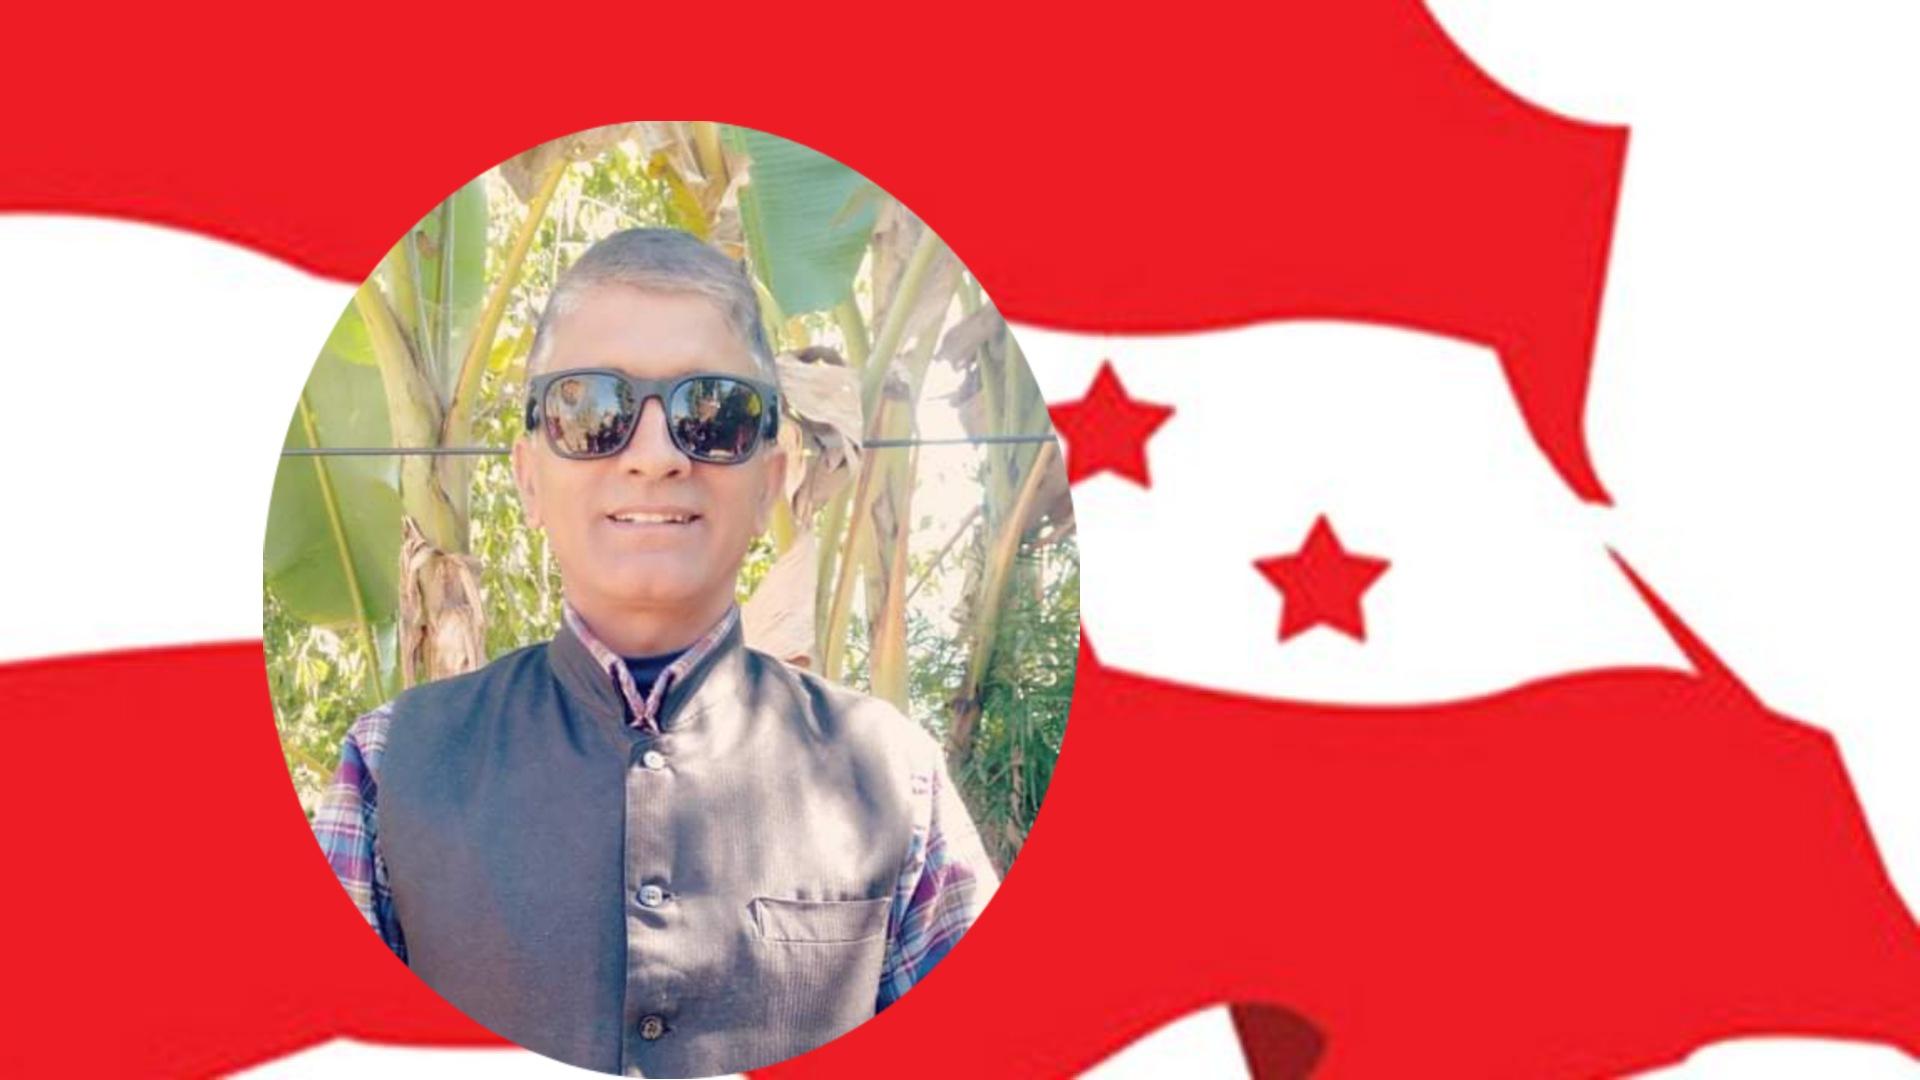 अछाम क्षेत्र नम्बर २ को क्षेत्रीय सदस्यमा नेता लालुराम भण्डारीको उम्मेदवारी घोषणा